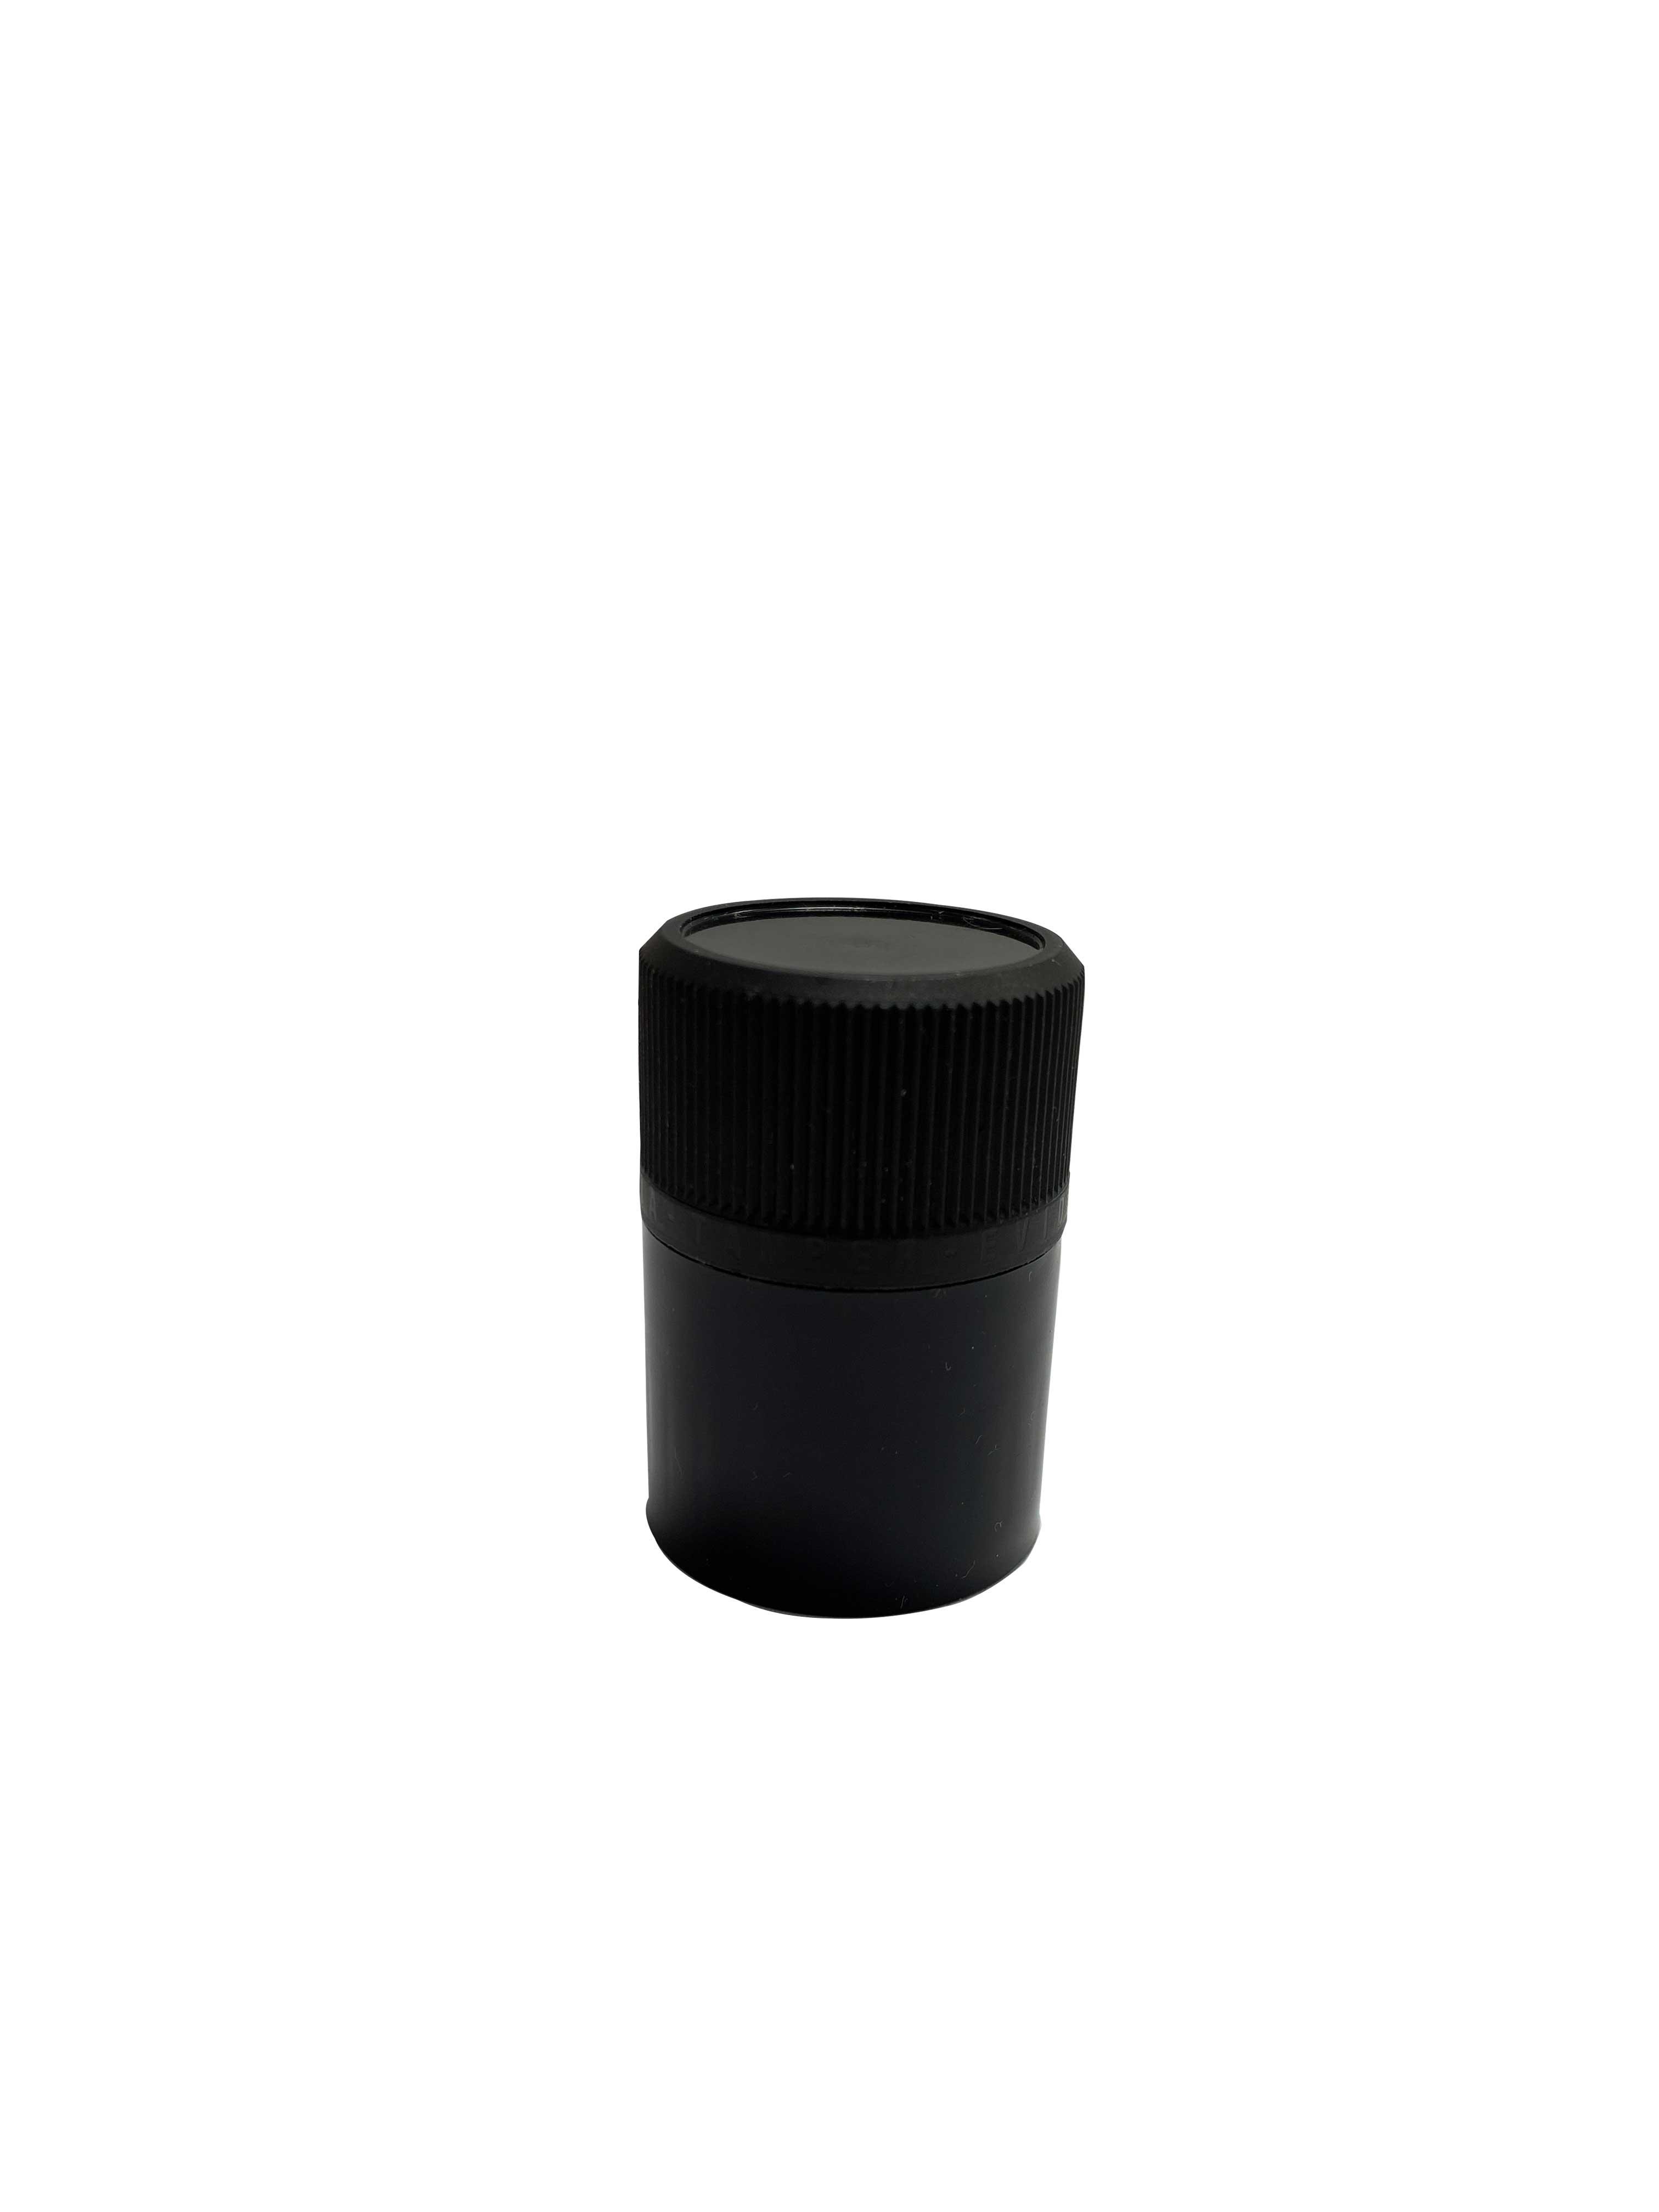 Tamper-evident CPR closure 29.4 mm, PP/PP, black with natural pourer (for spirits)